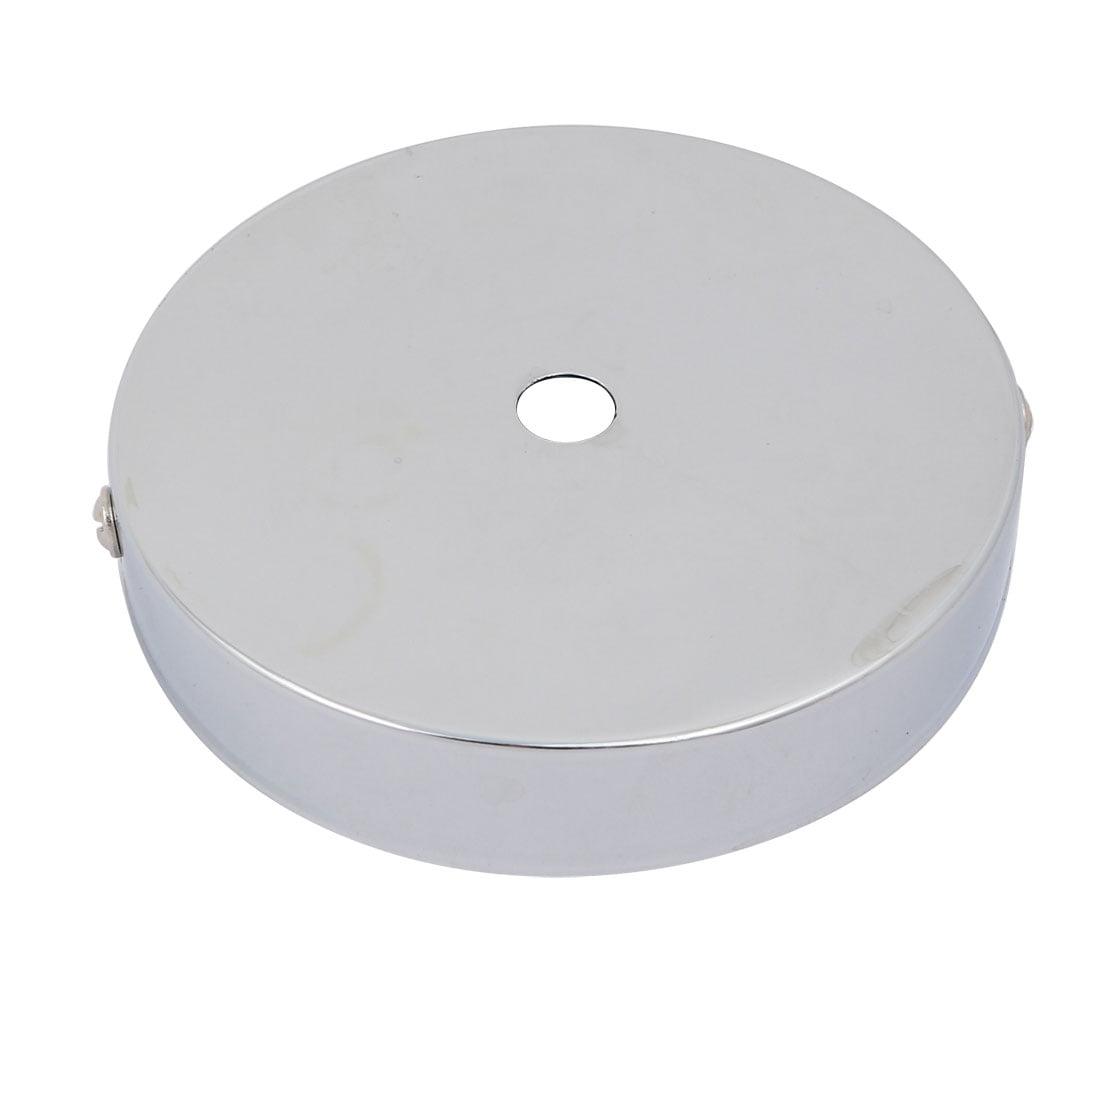 Unique Bargains Ceiling plate for Light Fixtures DIY Ceiling Lamp ...